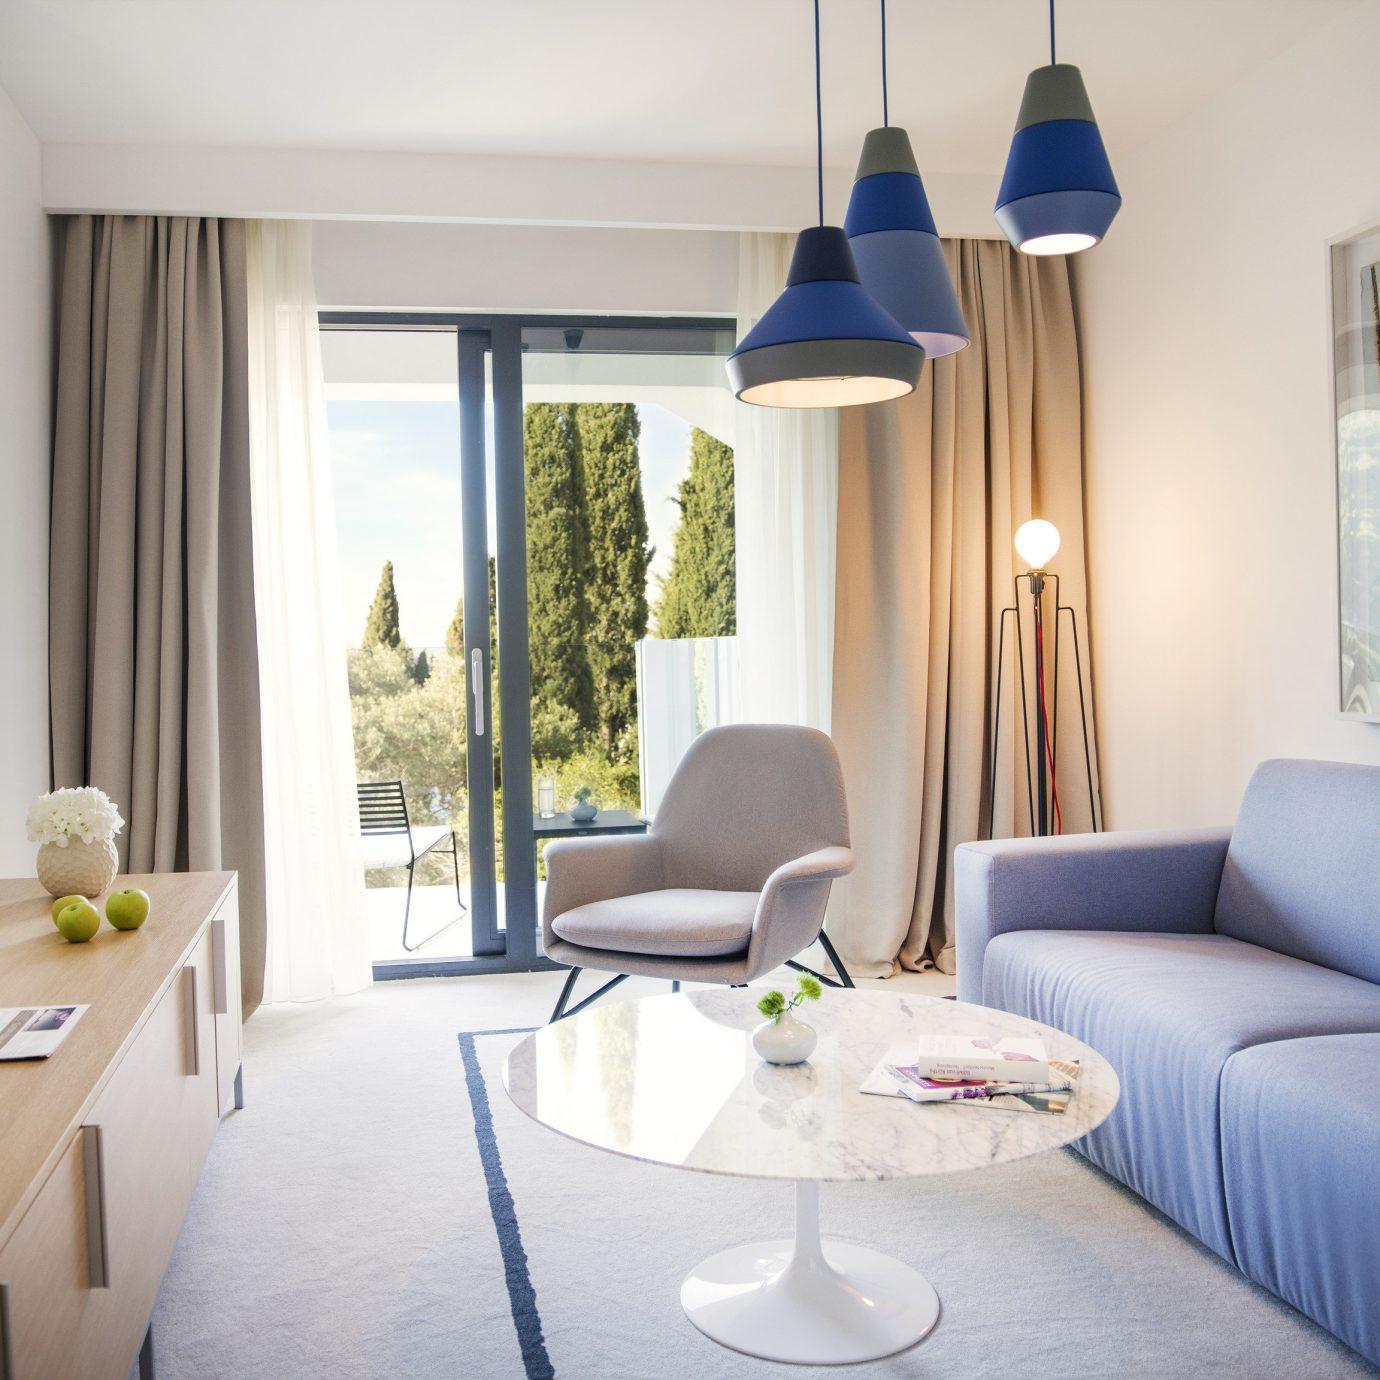 sofa living room home Suite interior designer window treatment